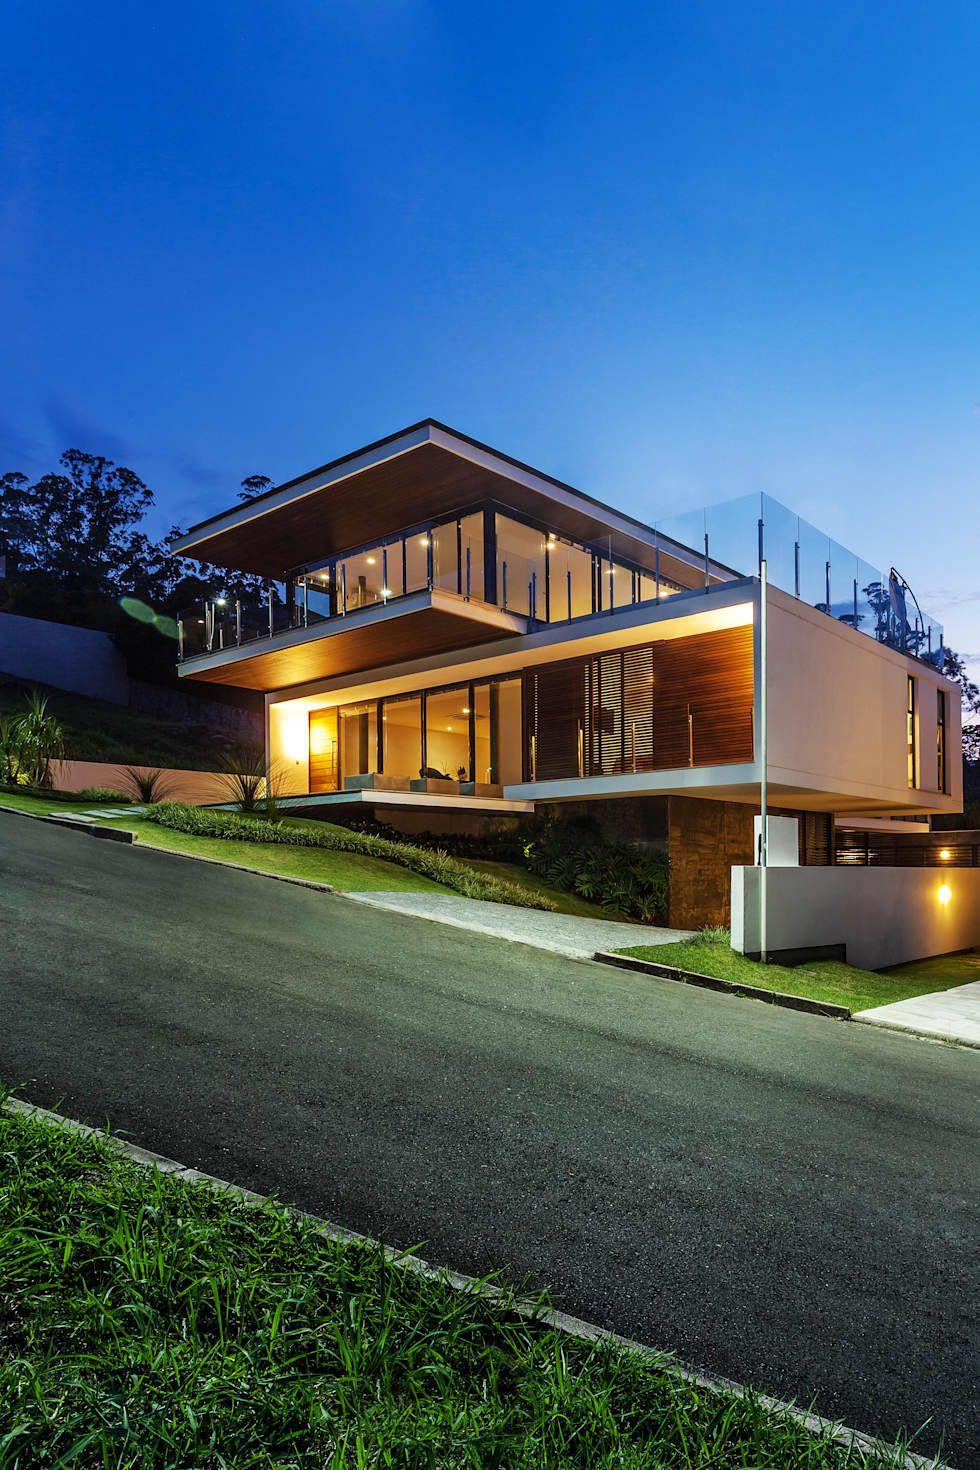 CASA LB: Casas modernas por JOBIM CARLEVARO arquitetos | Prefered ...